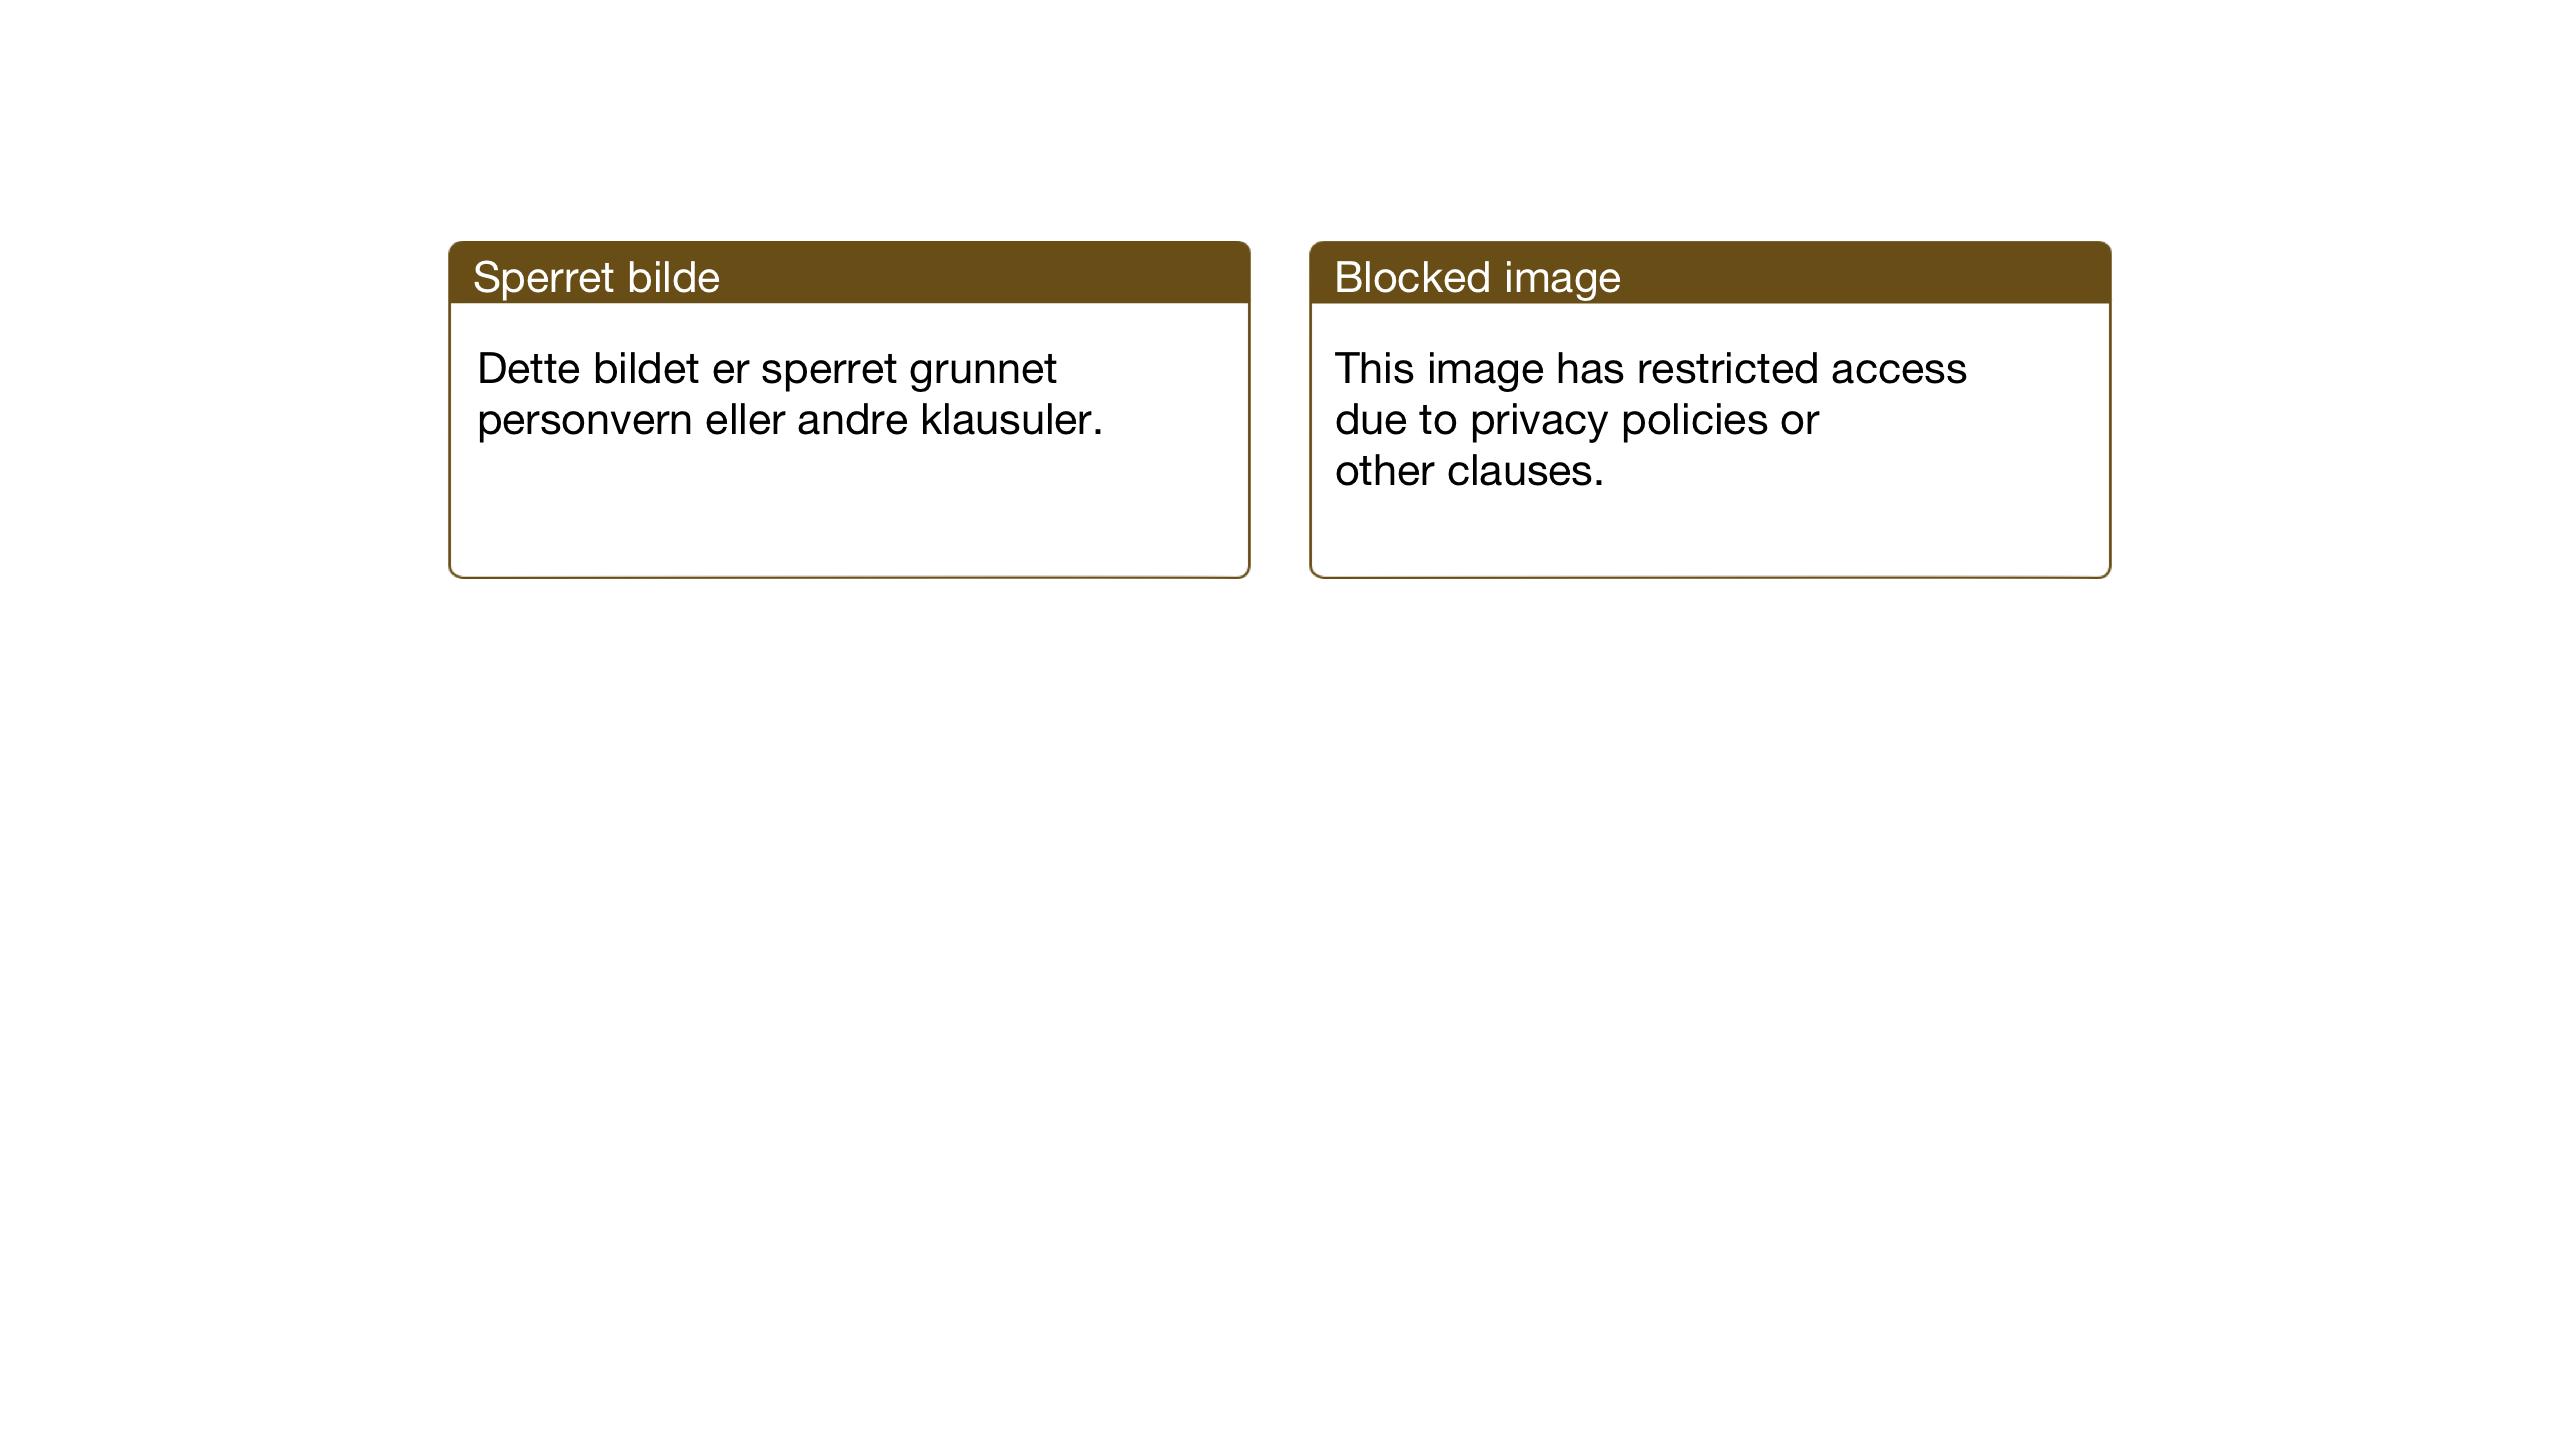 SAT, Ministerialprotokoller, klokkerbøker og fødselsregistre - Sør-Trøndelag, 617/L0431: Klokkerbok nr. 617C02, 1910-1936, s. 100